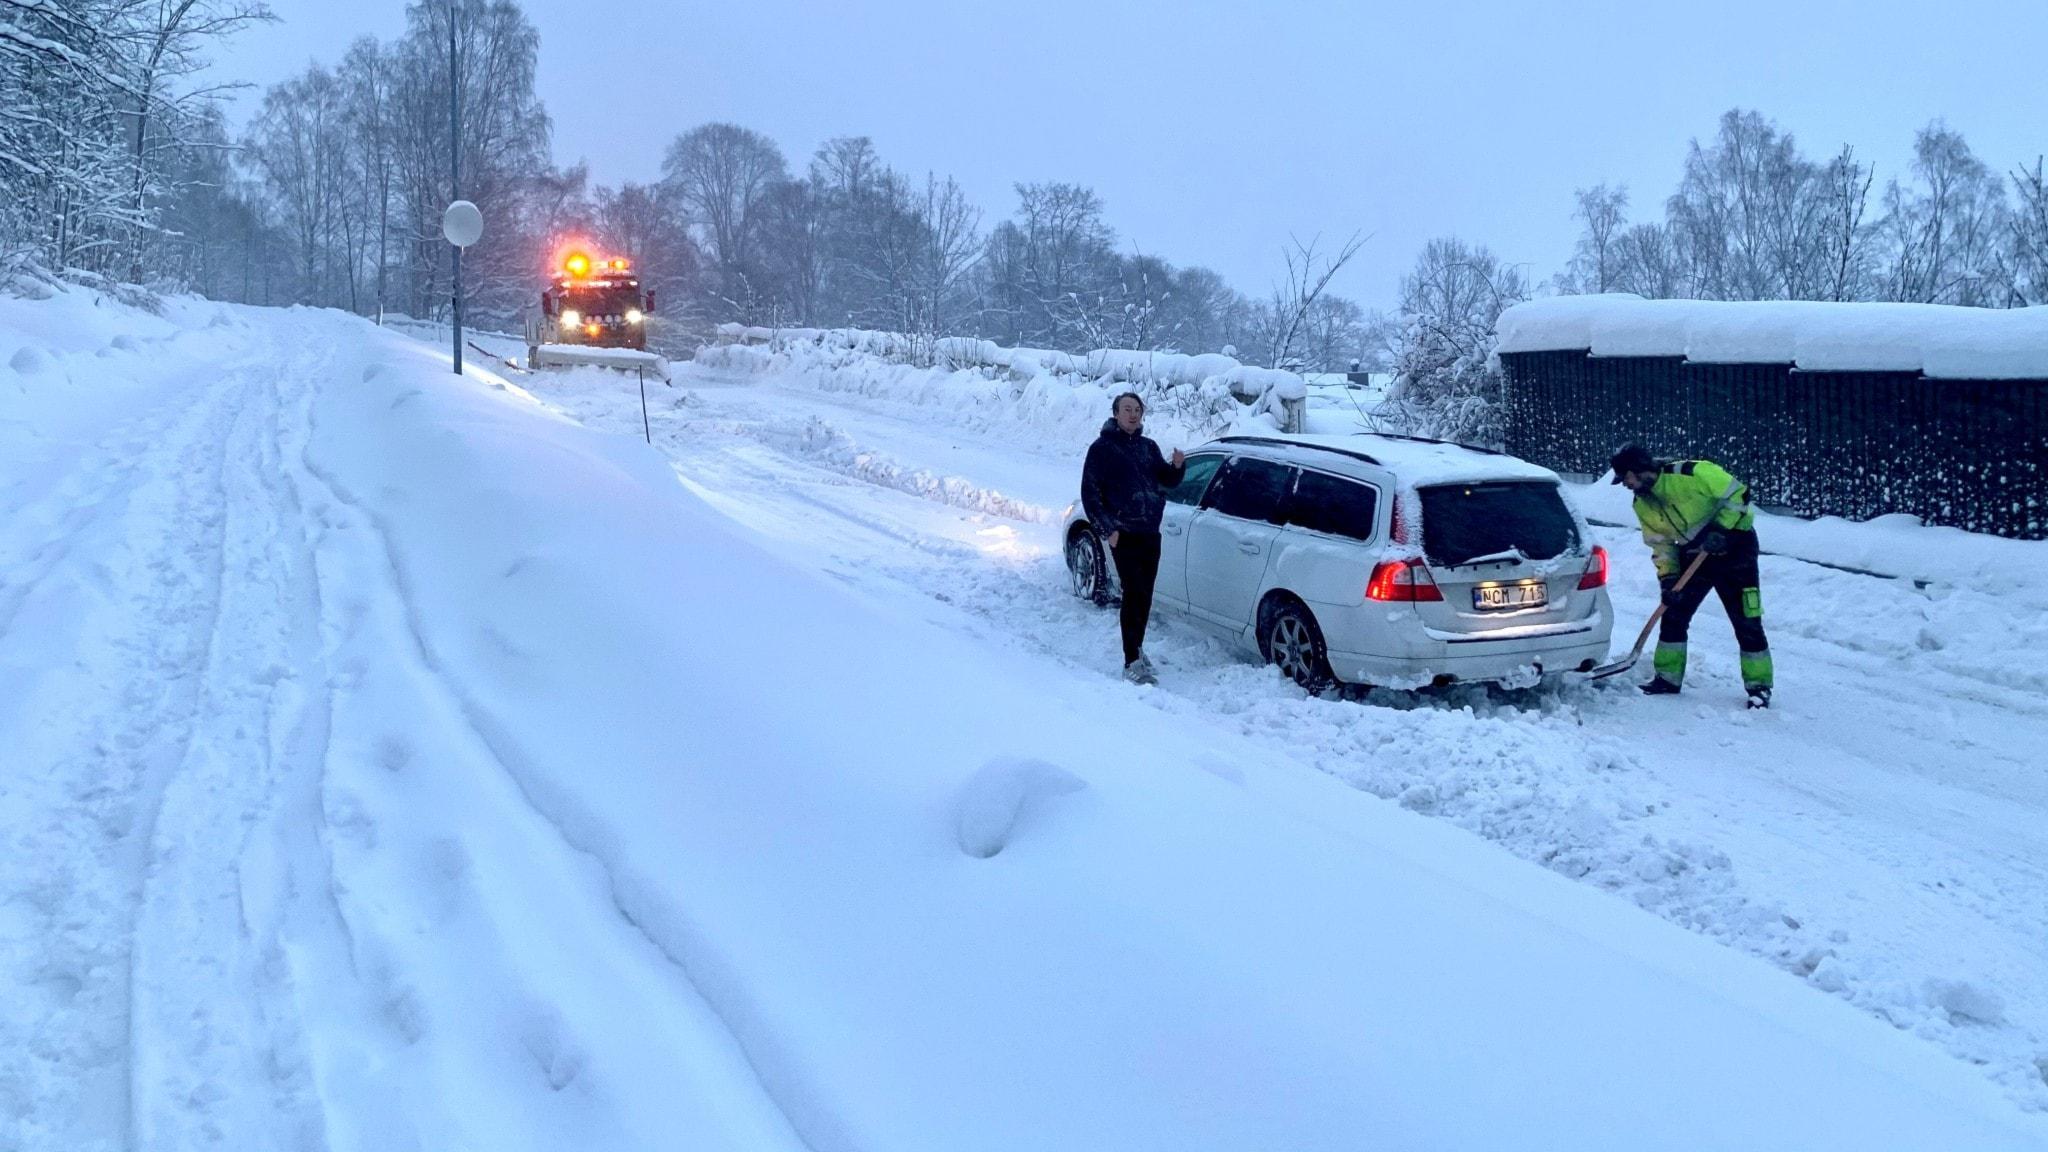 En man i varselkläder skottar loss en vit bil i en backe. En man i mörka kläder står bredvid bilen och tittar på. Foto: Karin Lönnå/Sveriges Radio